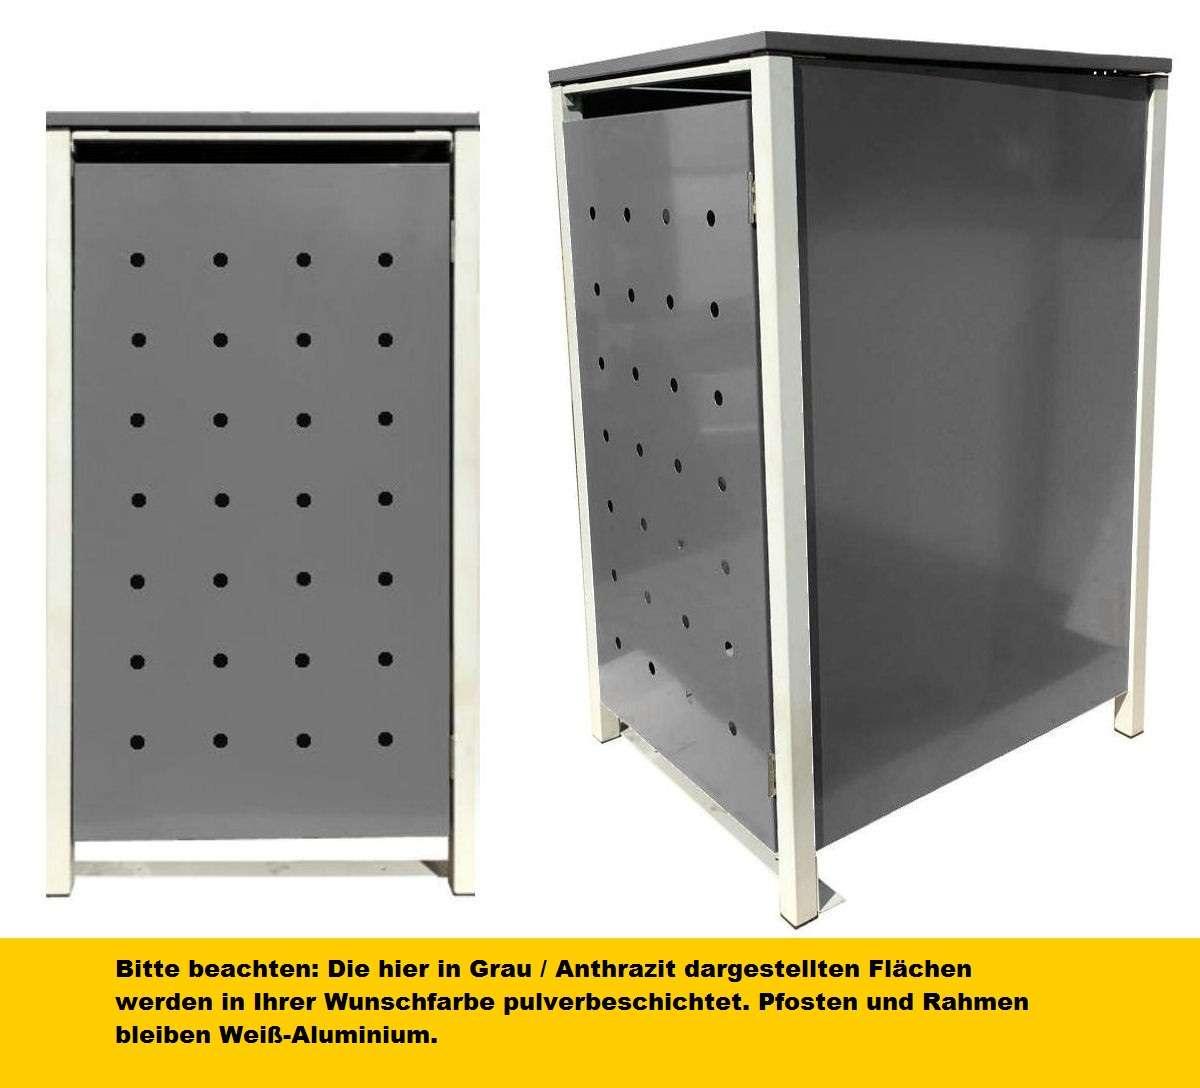 Metall Mülltonnenboxen in Wunschfarbe alle RAL Farben f 1 5